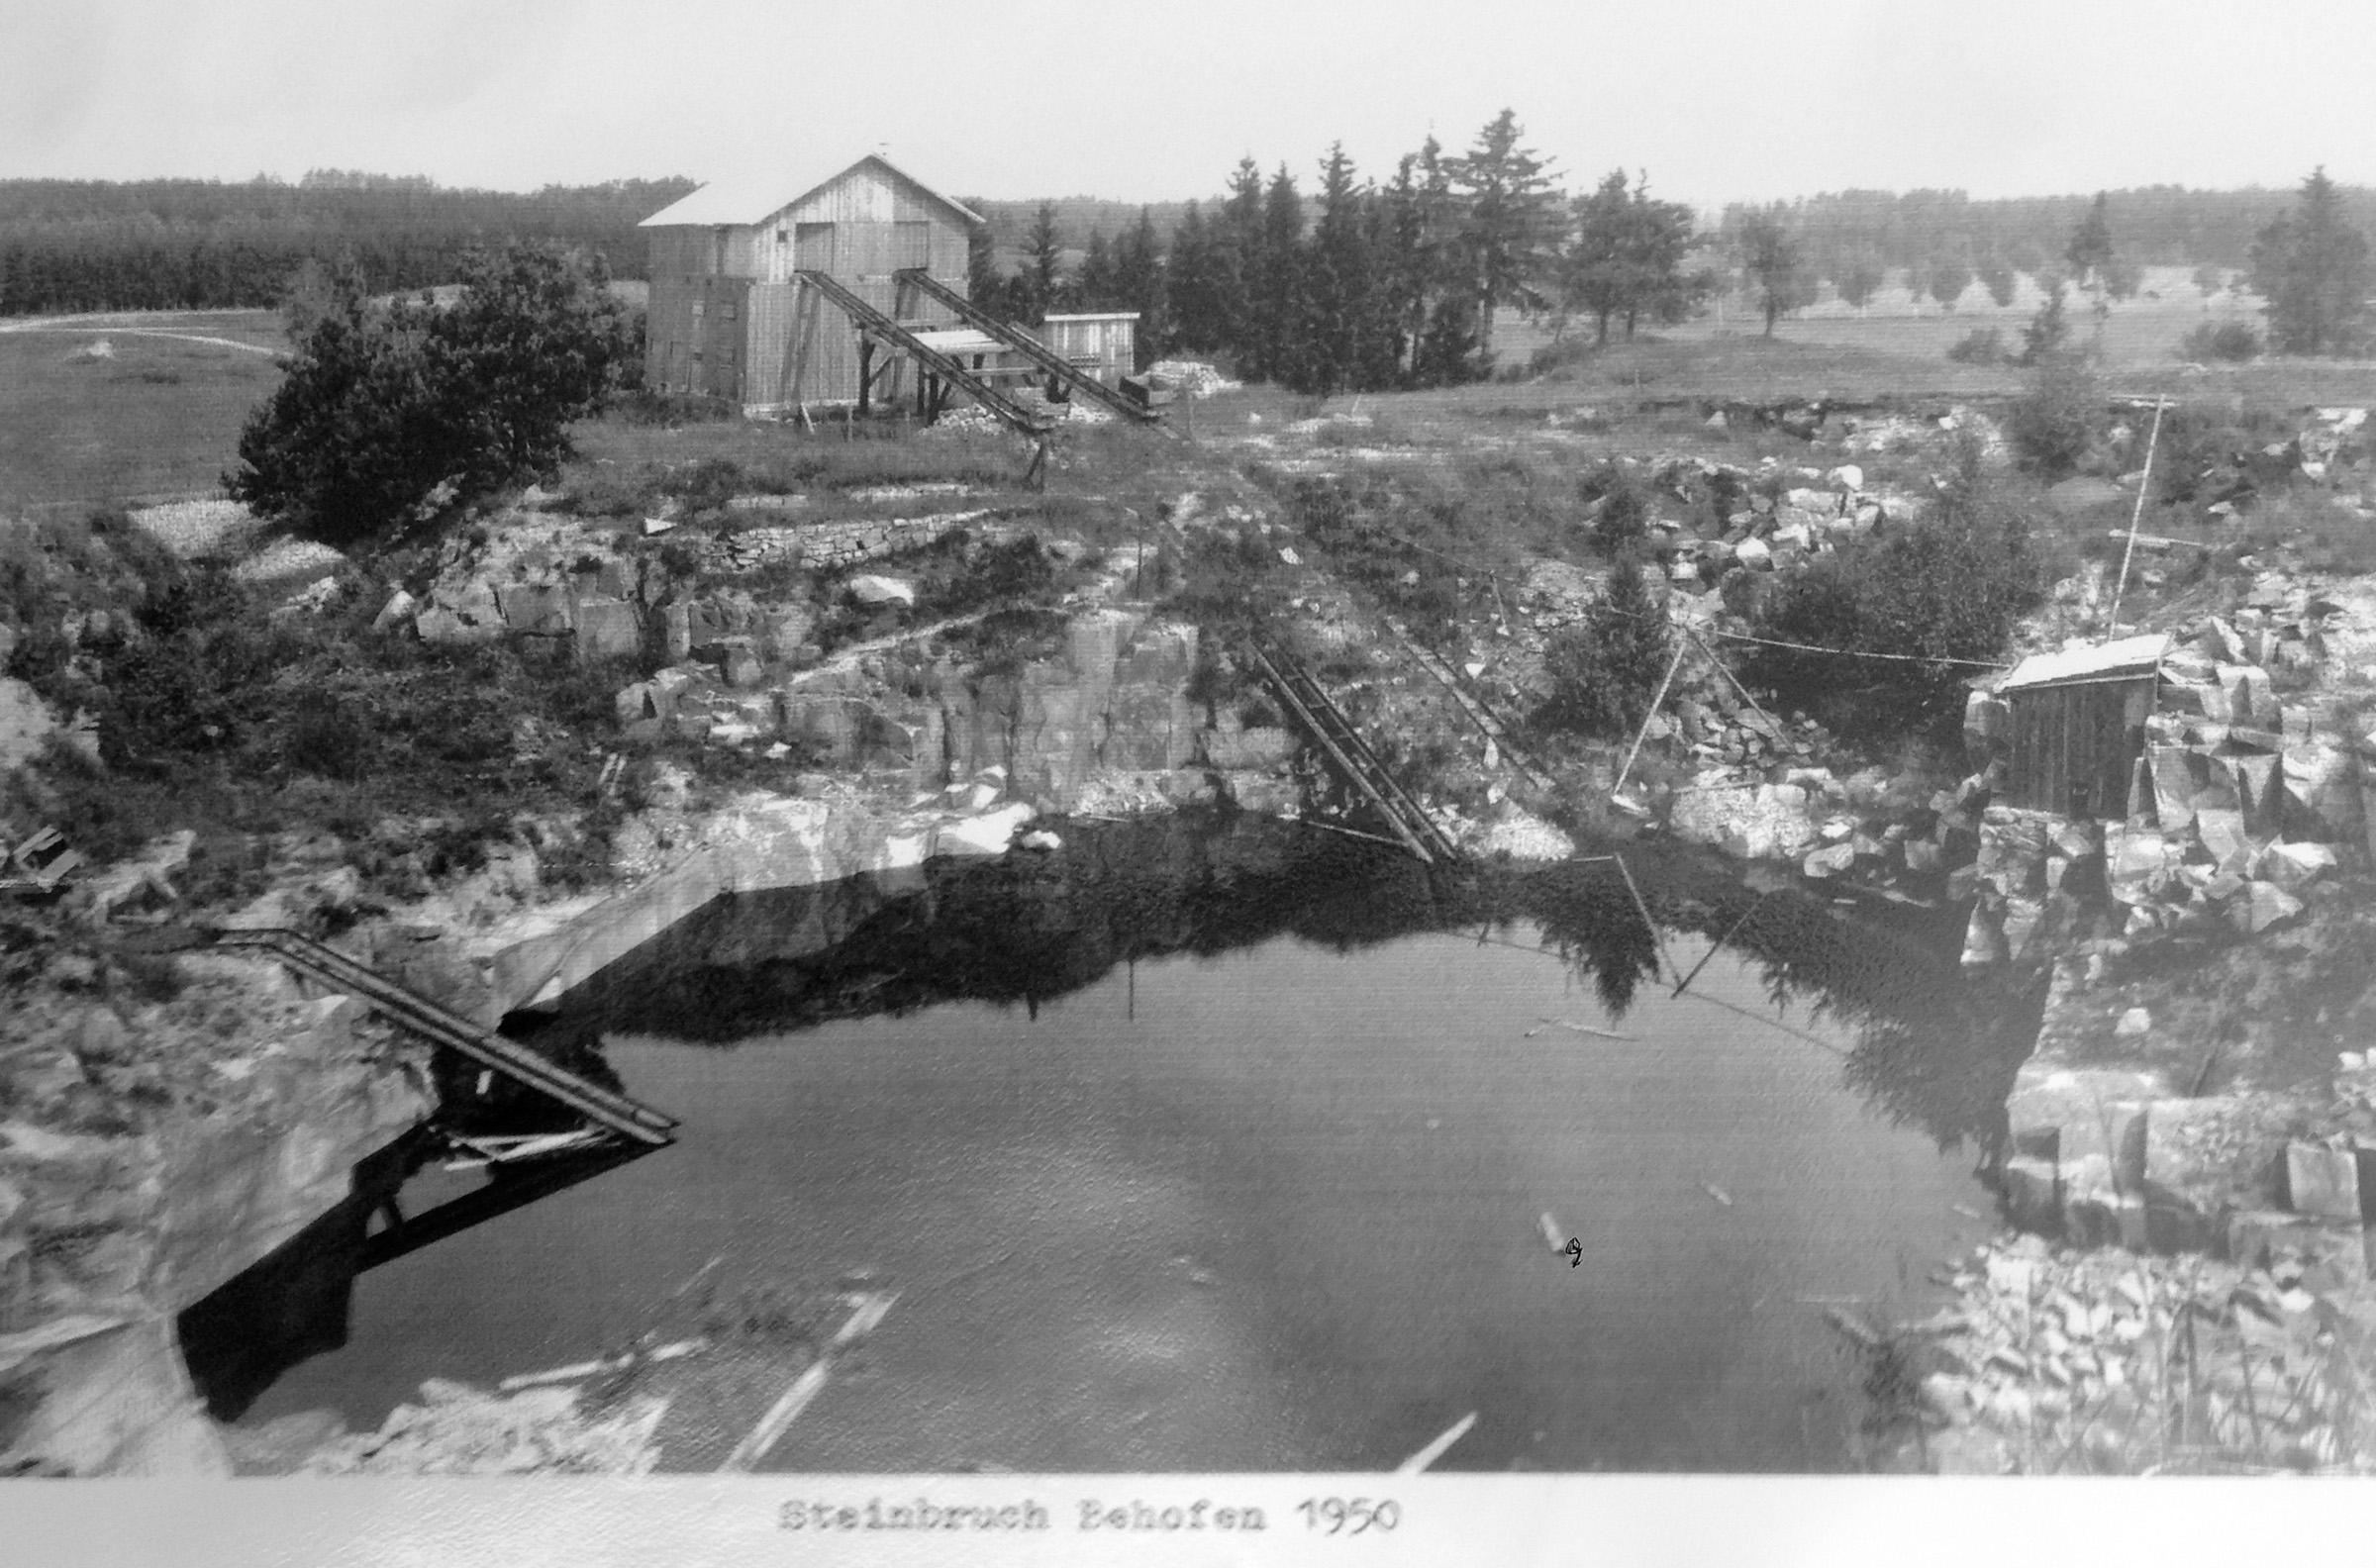 Steinbruch Behofen 1950 Schrems.jpg